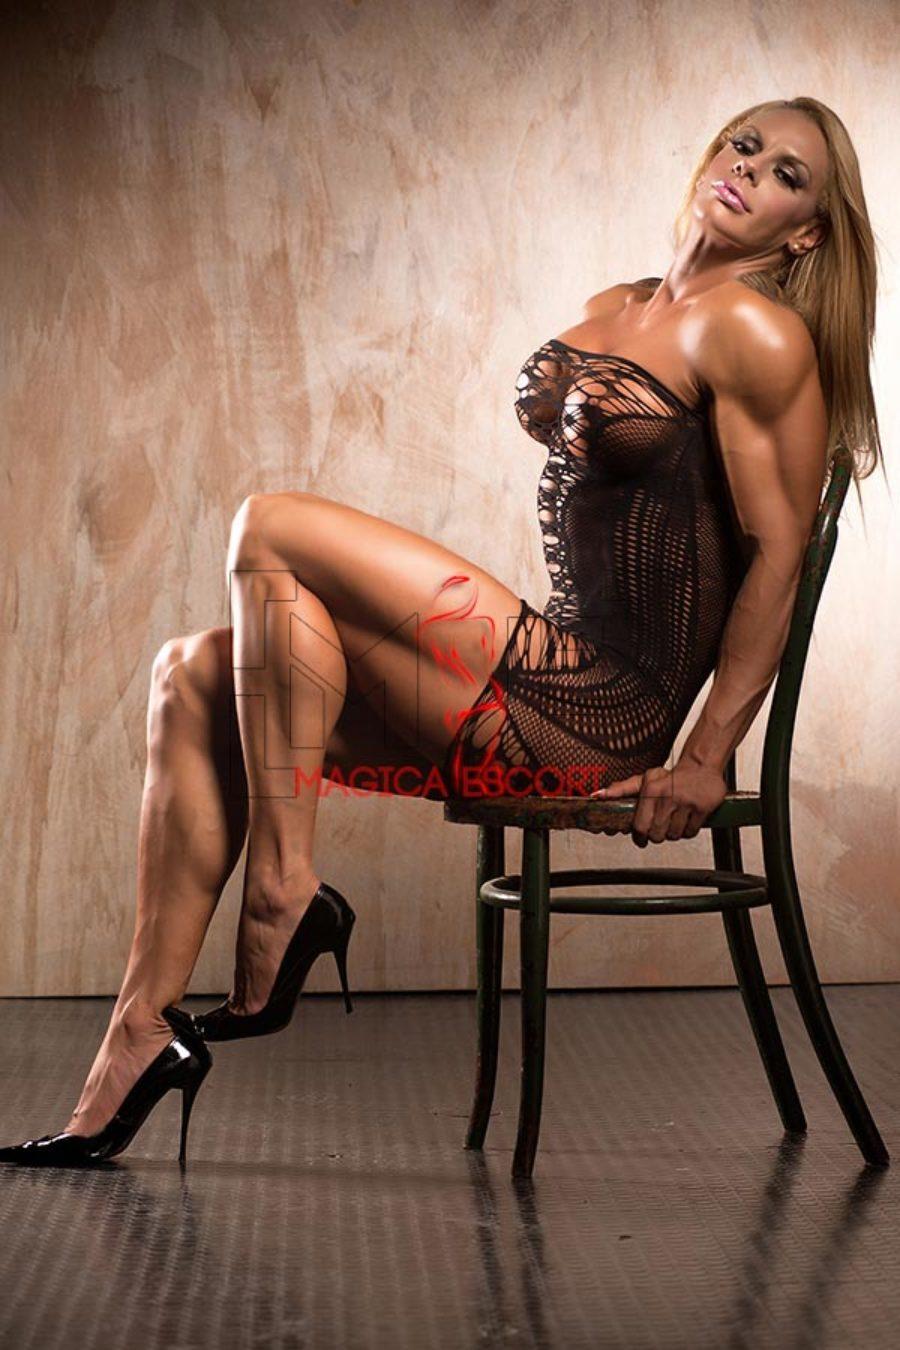 Larissa escort Roma, un trionfo di muscoli perfetti.